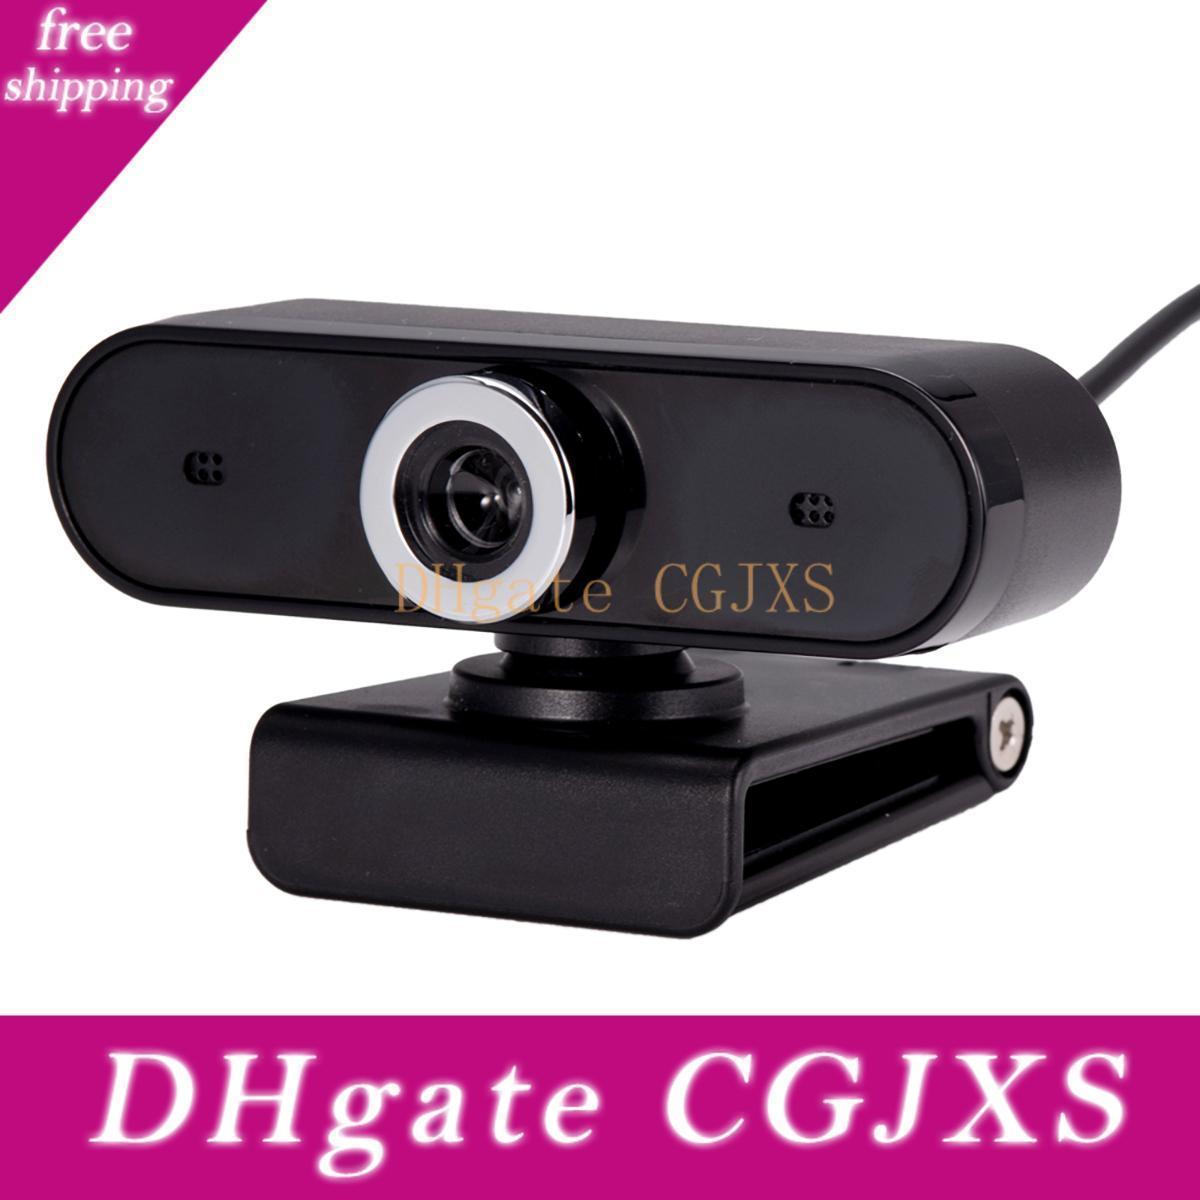 Caméra Webcam externe numérique intégré Microphone -Dans Caméras de réduction du bruit Rotation 360 degrés Gy88 T200410